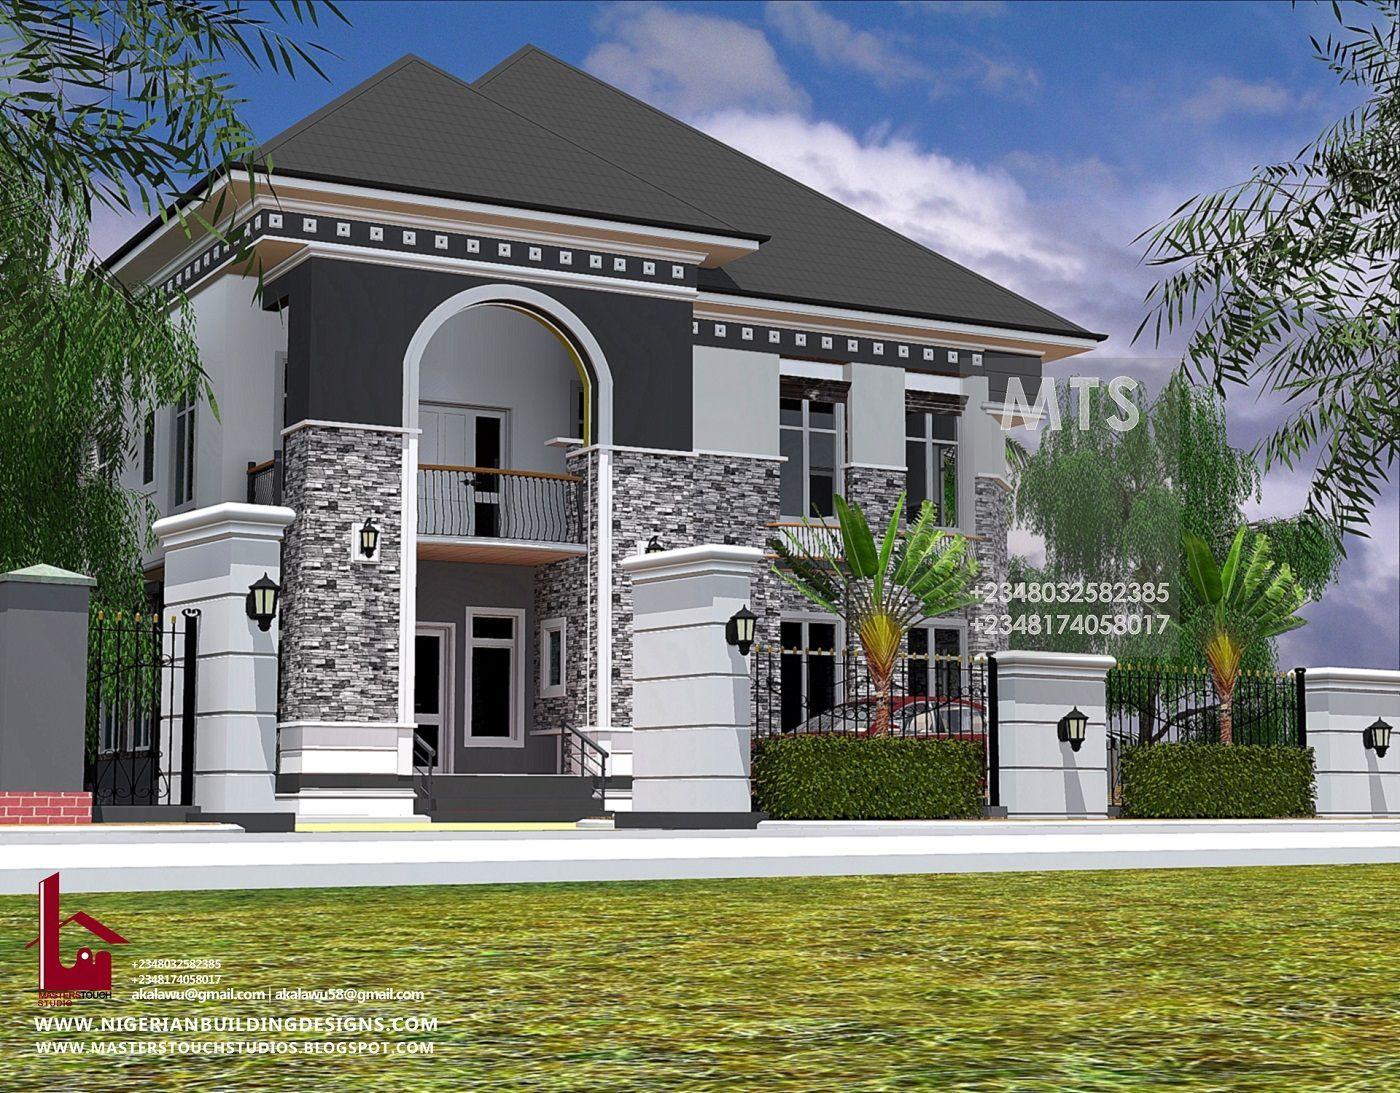 New Modern Exterior Home Design Di 2020 Ide Dekorasi Rumah Desain Rumah Rumah